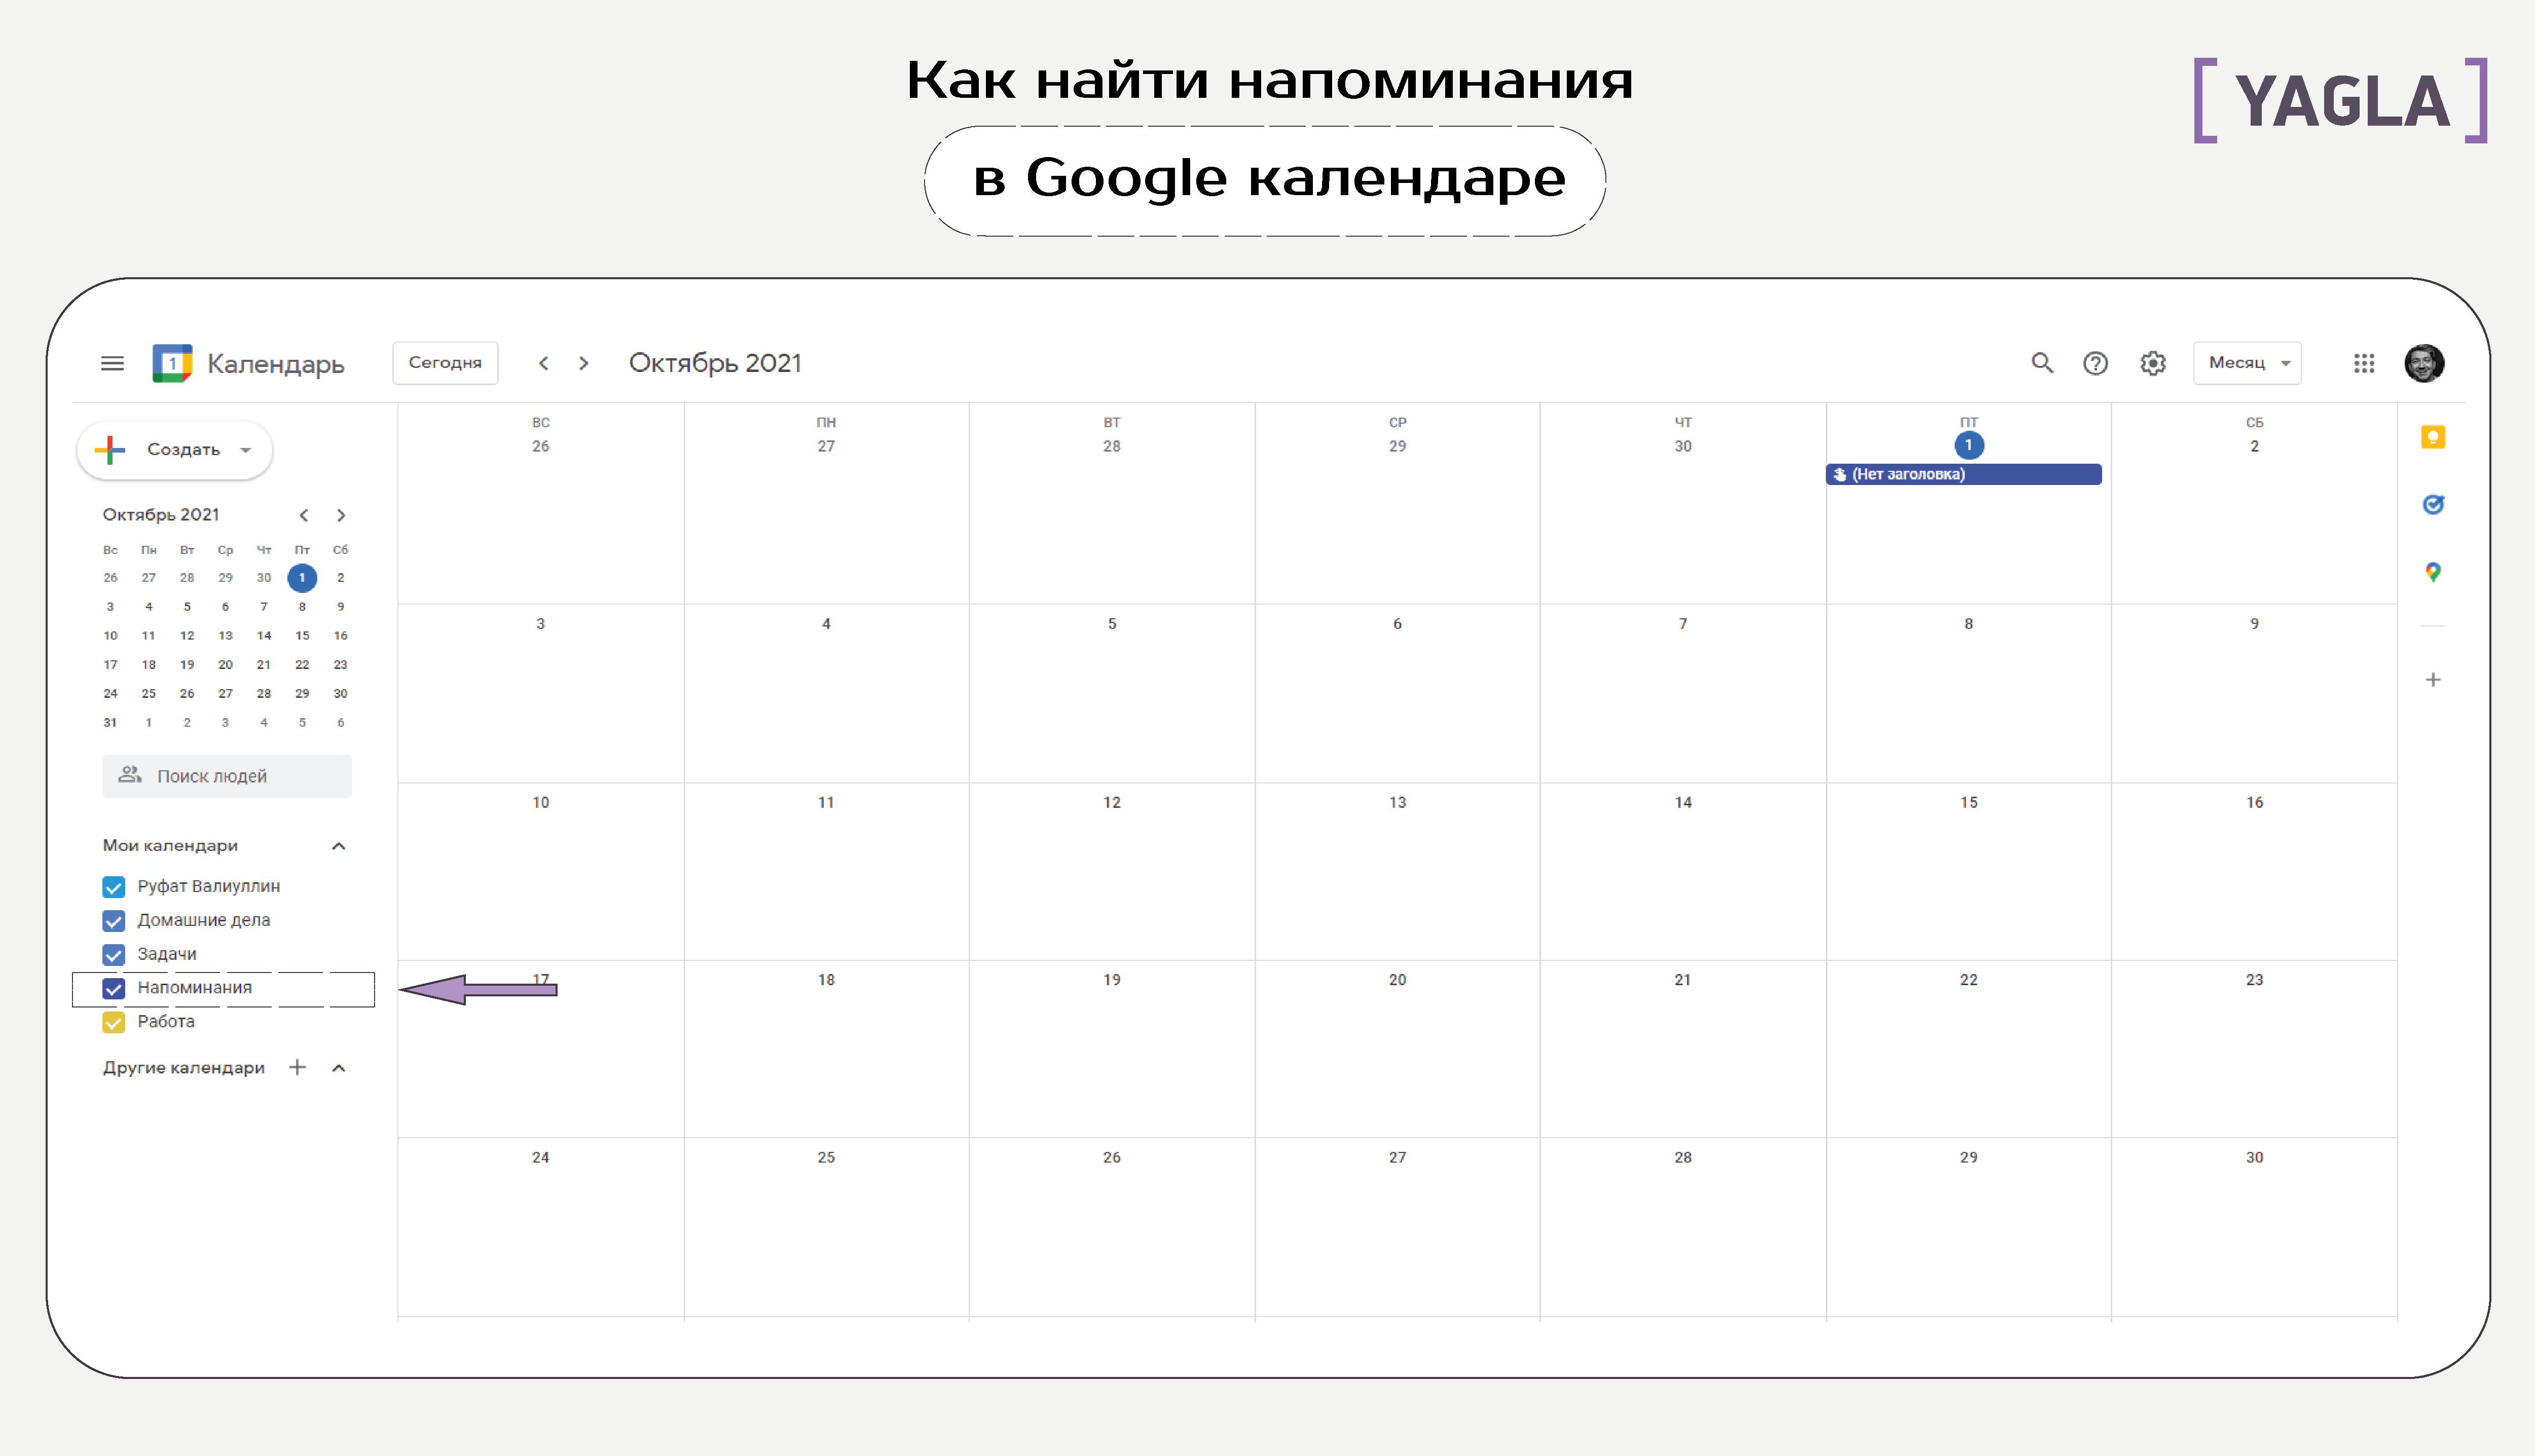 Как найти напоминания в Google календаре